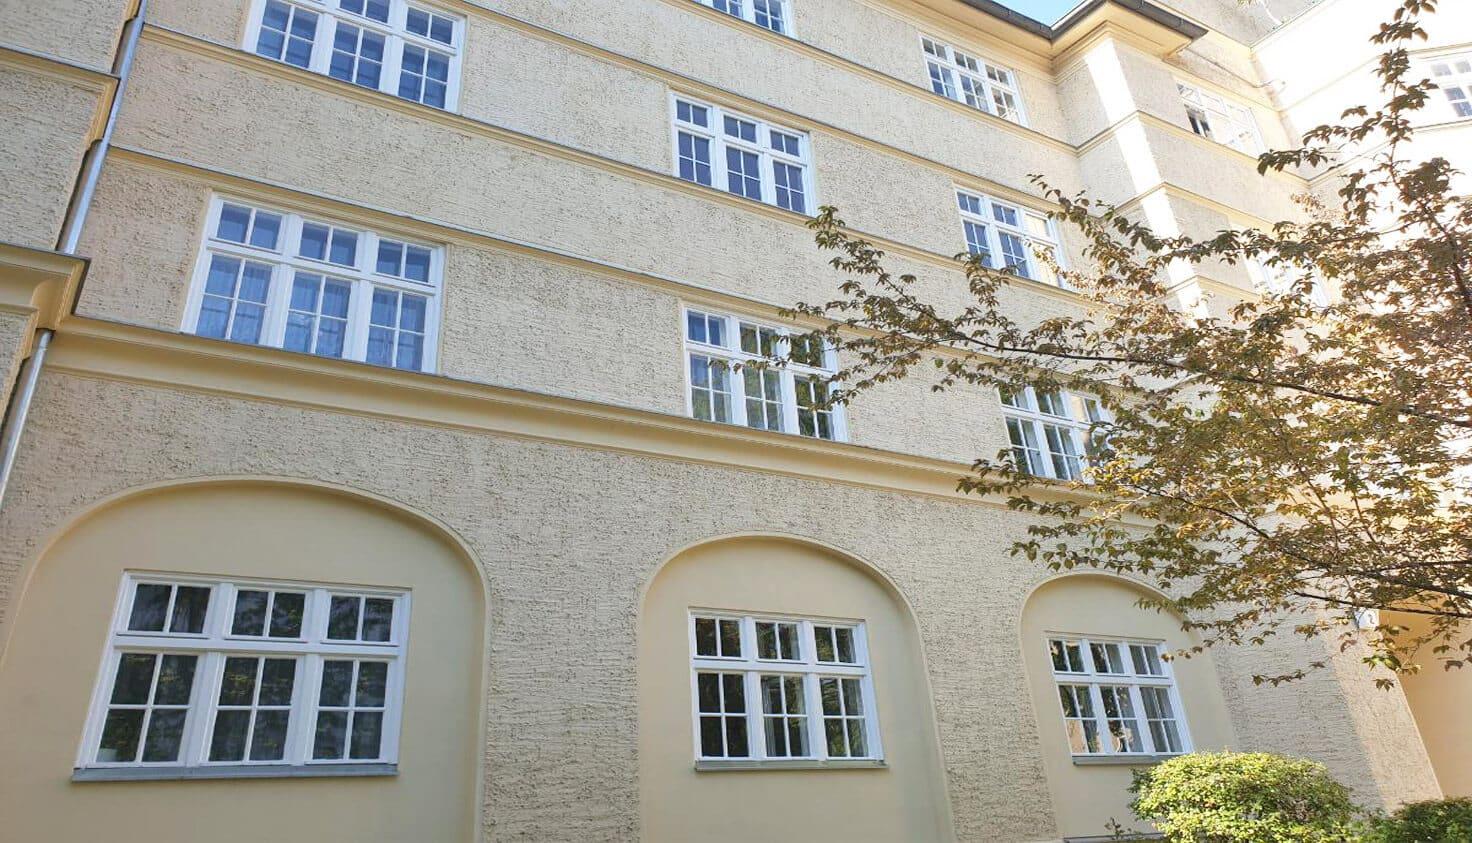 02-Sanierung-von-Altbaufenstern-referenz-malerbetrieb-kluge-berlin.jpg